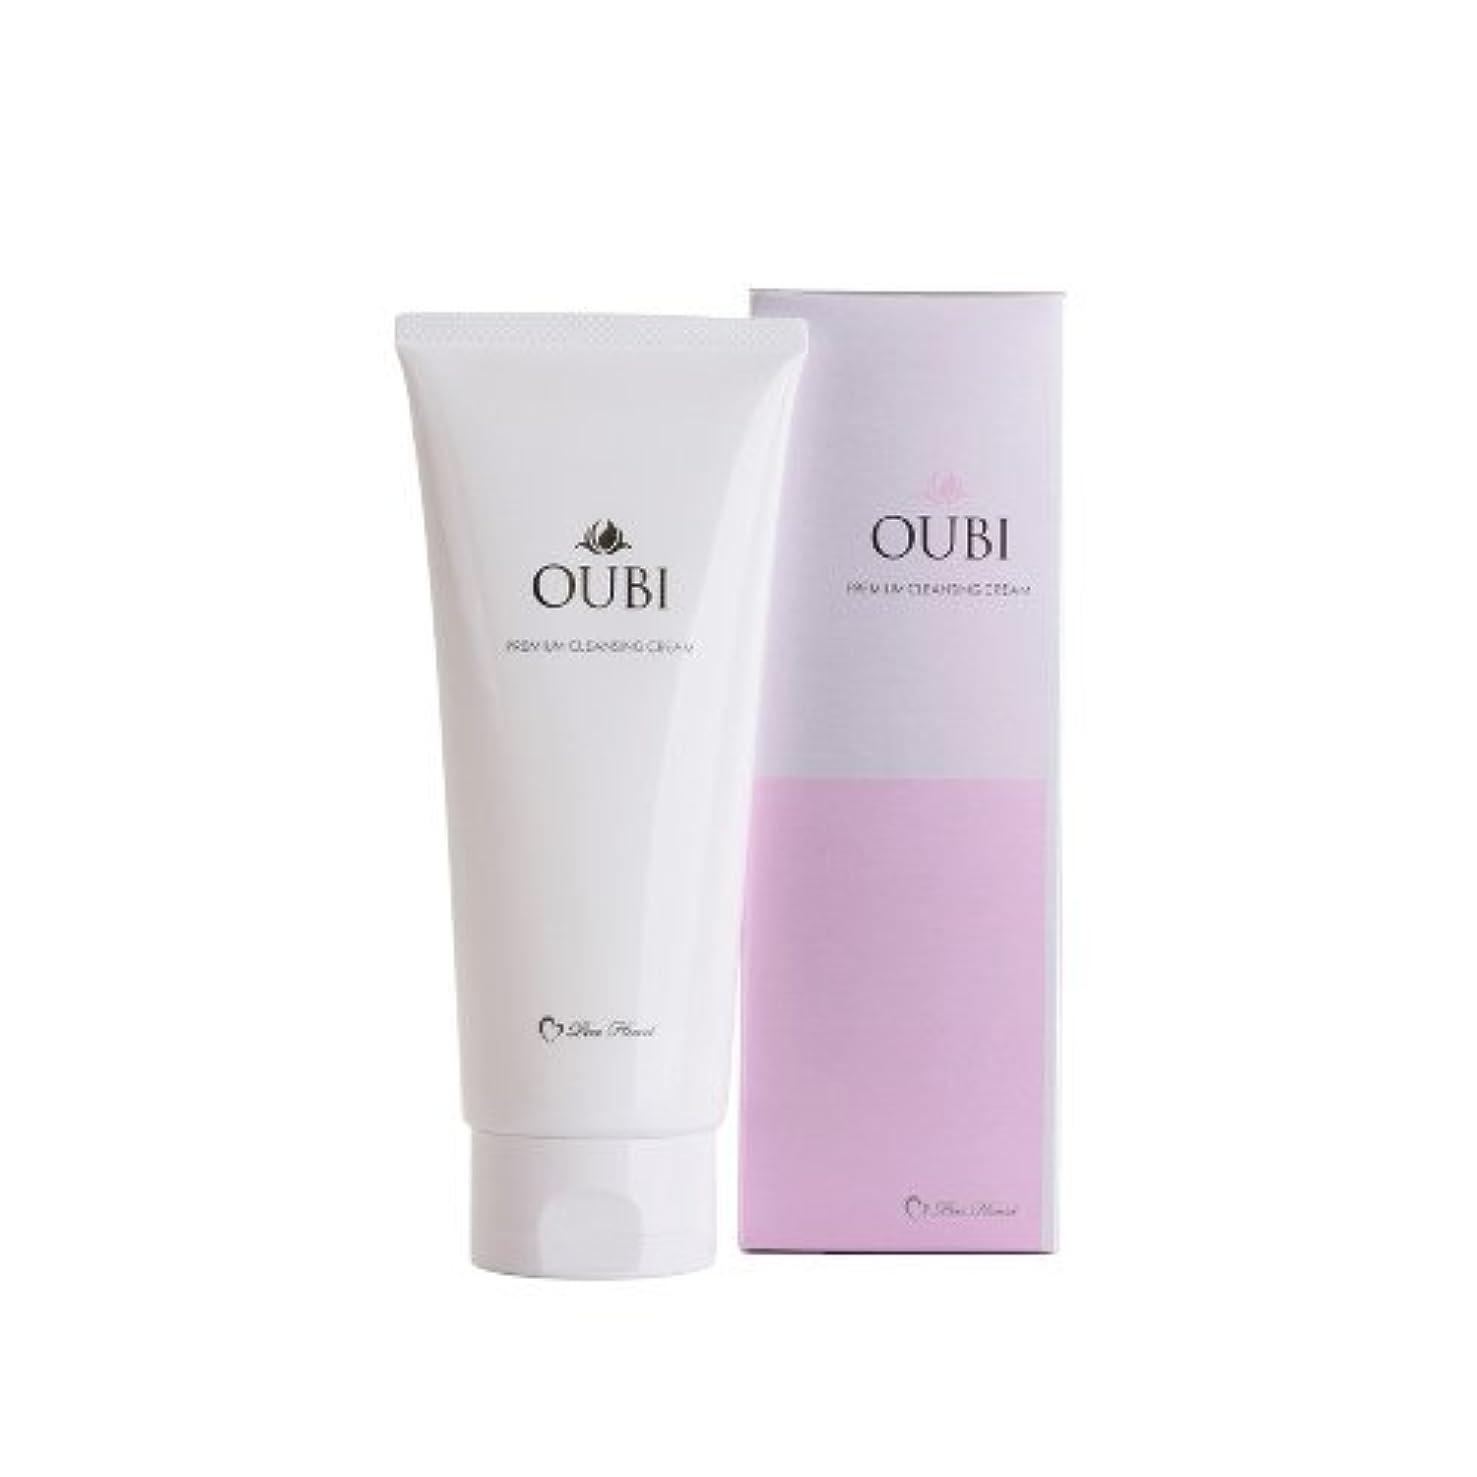 協力する落ち着いた乳剤OUBI (オウビ) プレミアムクレンジングクリーム150g